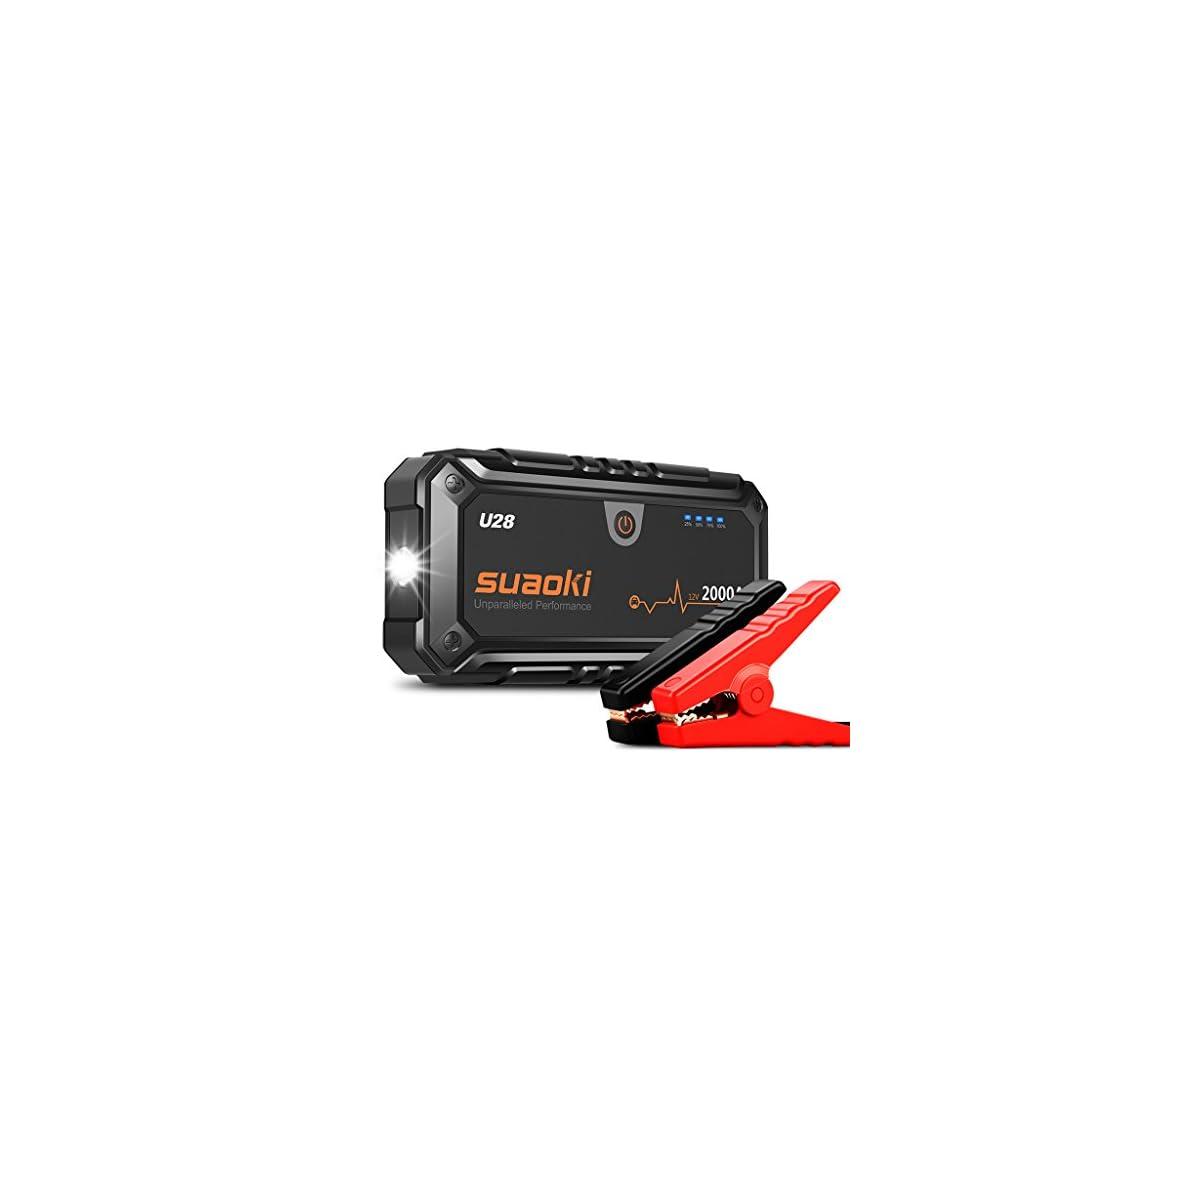 410V07mNweL. SS1200  - SUAOKI U28 2000A Arrancador de coche, con USB Power Bank, LED Flashlight, Multifunción, Con pinzas inteligentes